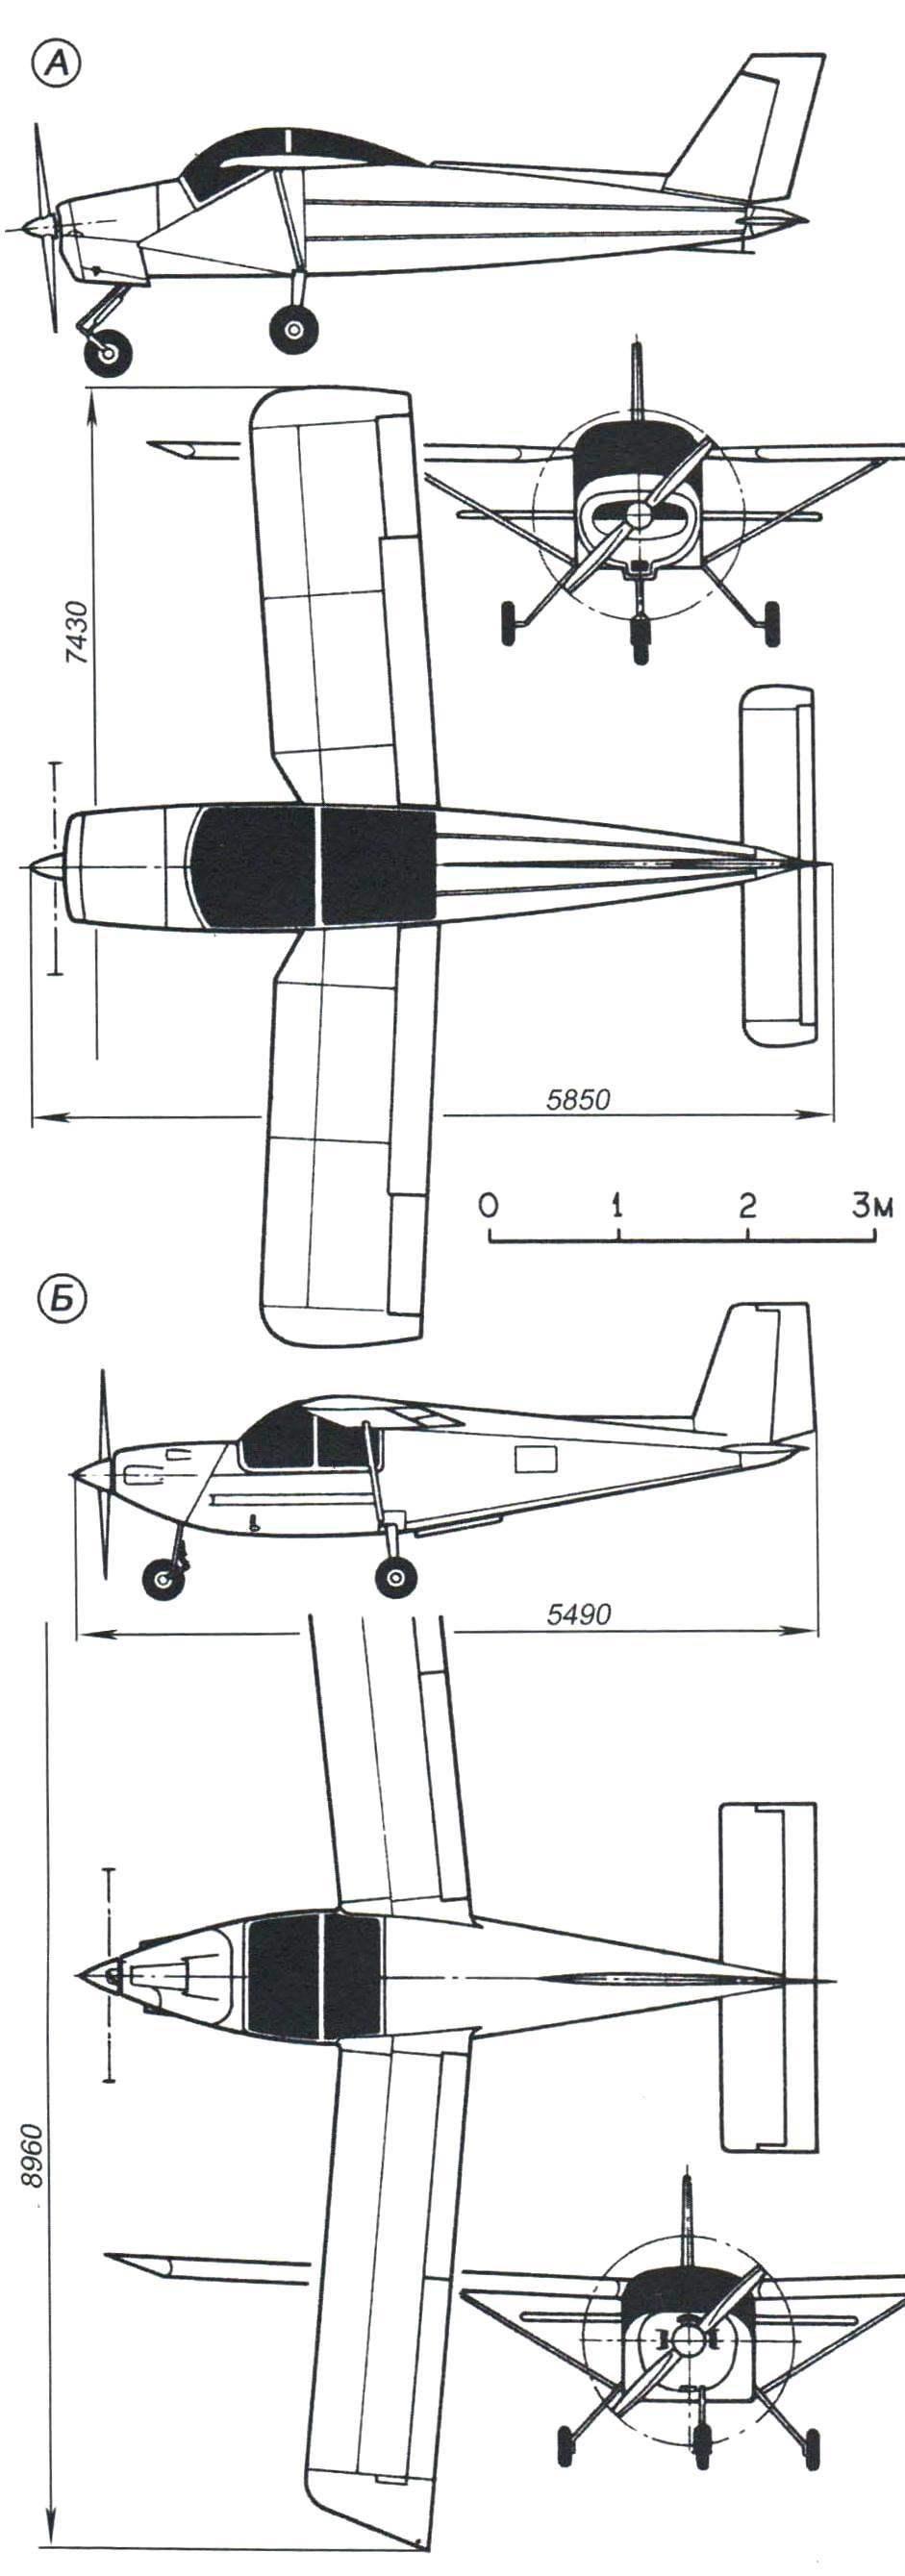 Лёгкие двухместные учебные самолёты-высокопланы с «автомобильным» расположением пилотов